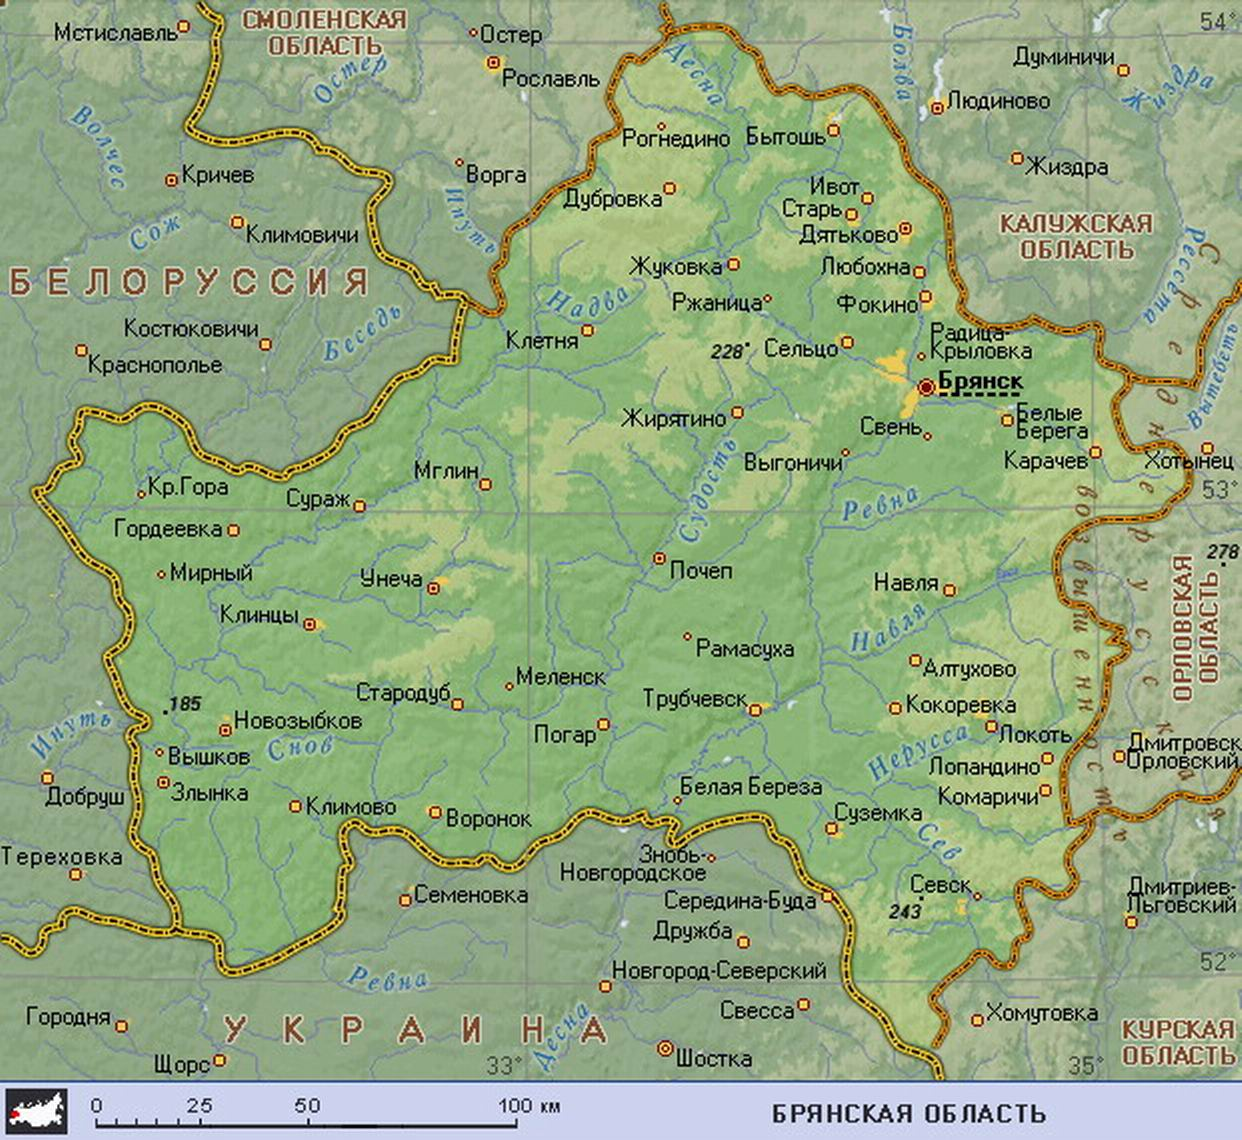 Карта россии где находится брянск на карте россии